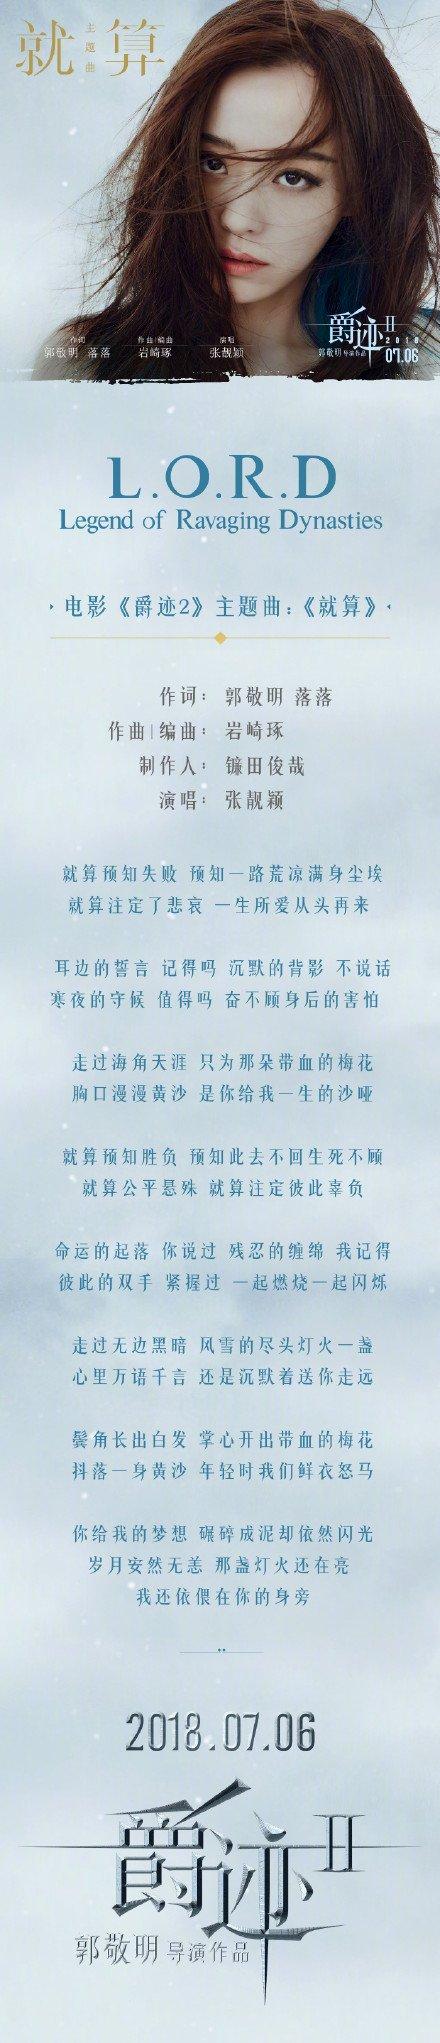 上一章-张靓颖(MP3歌词/LRC歌词) lrc歌词下载 第2张